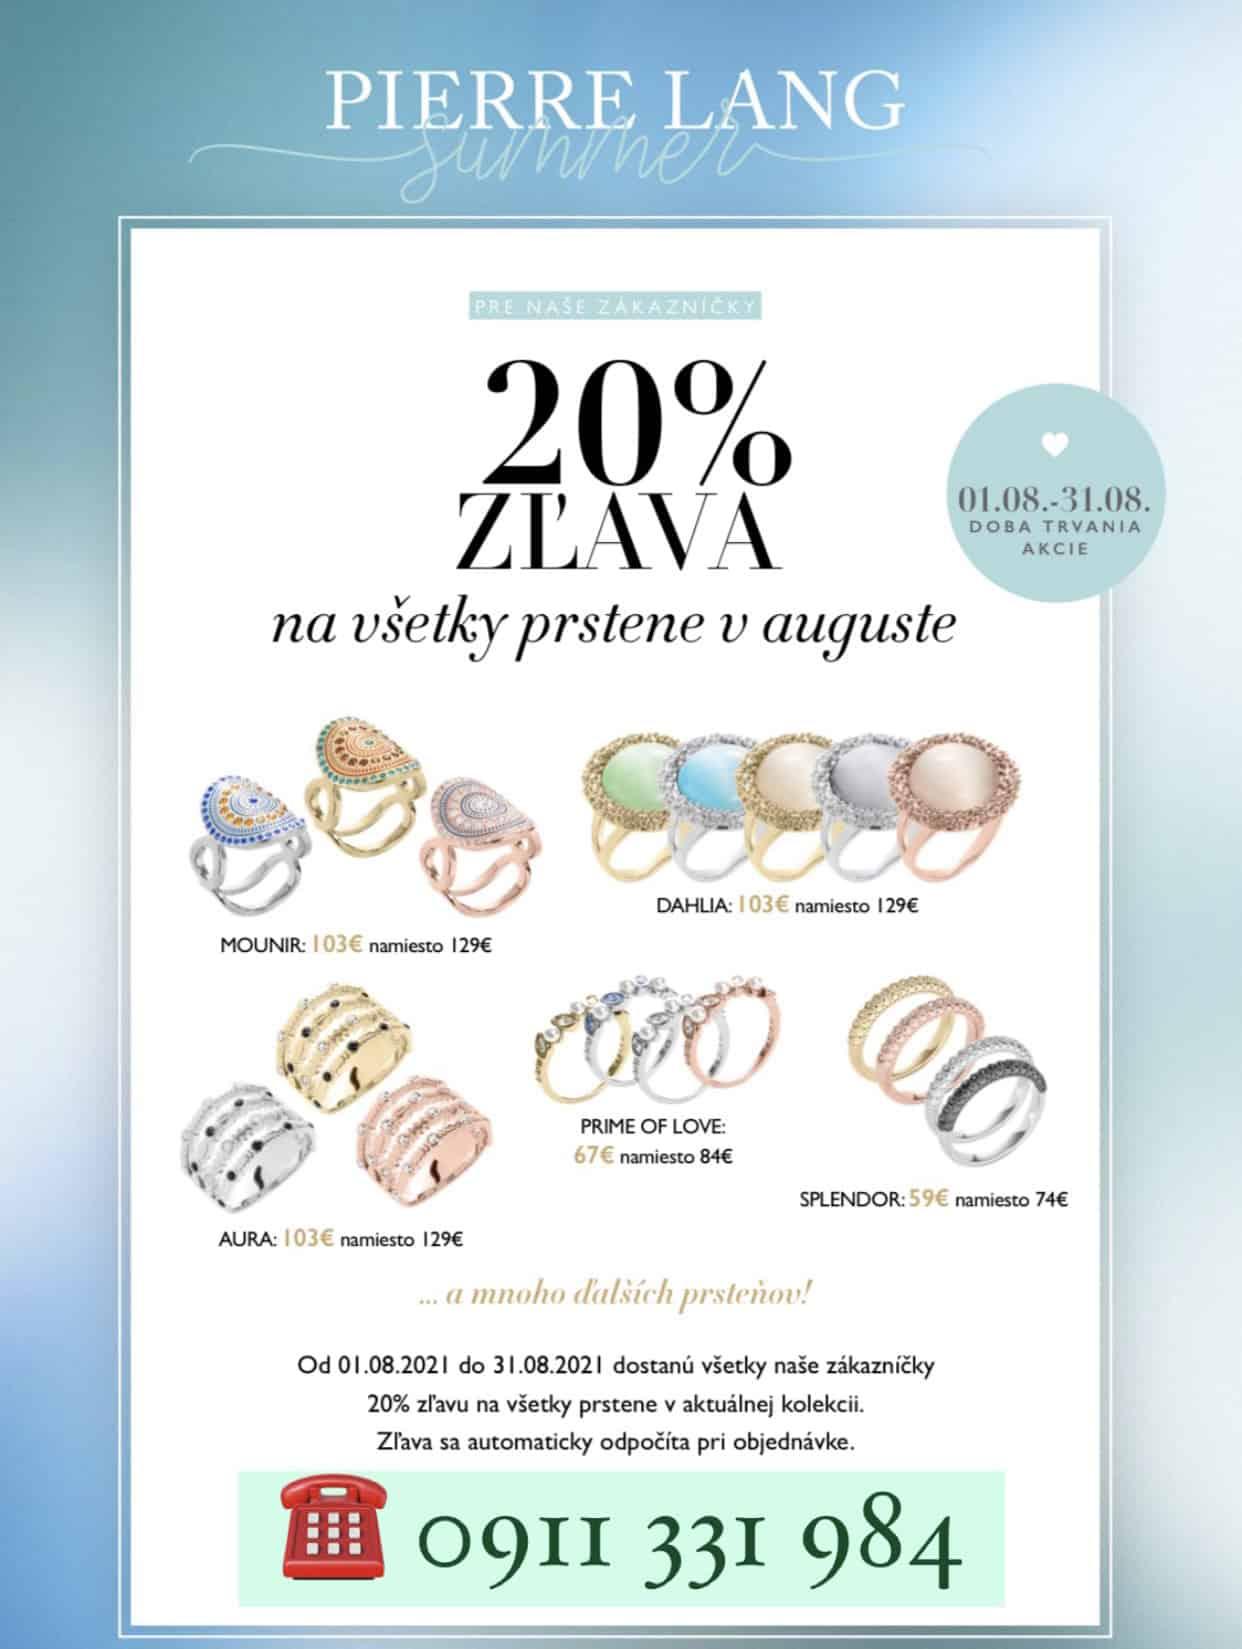 Zľava na prstene Pierre Lang 20% - Zuzana Nitra